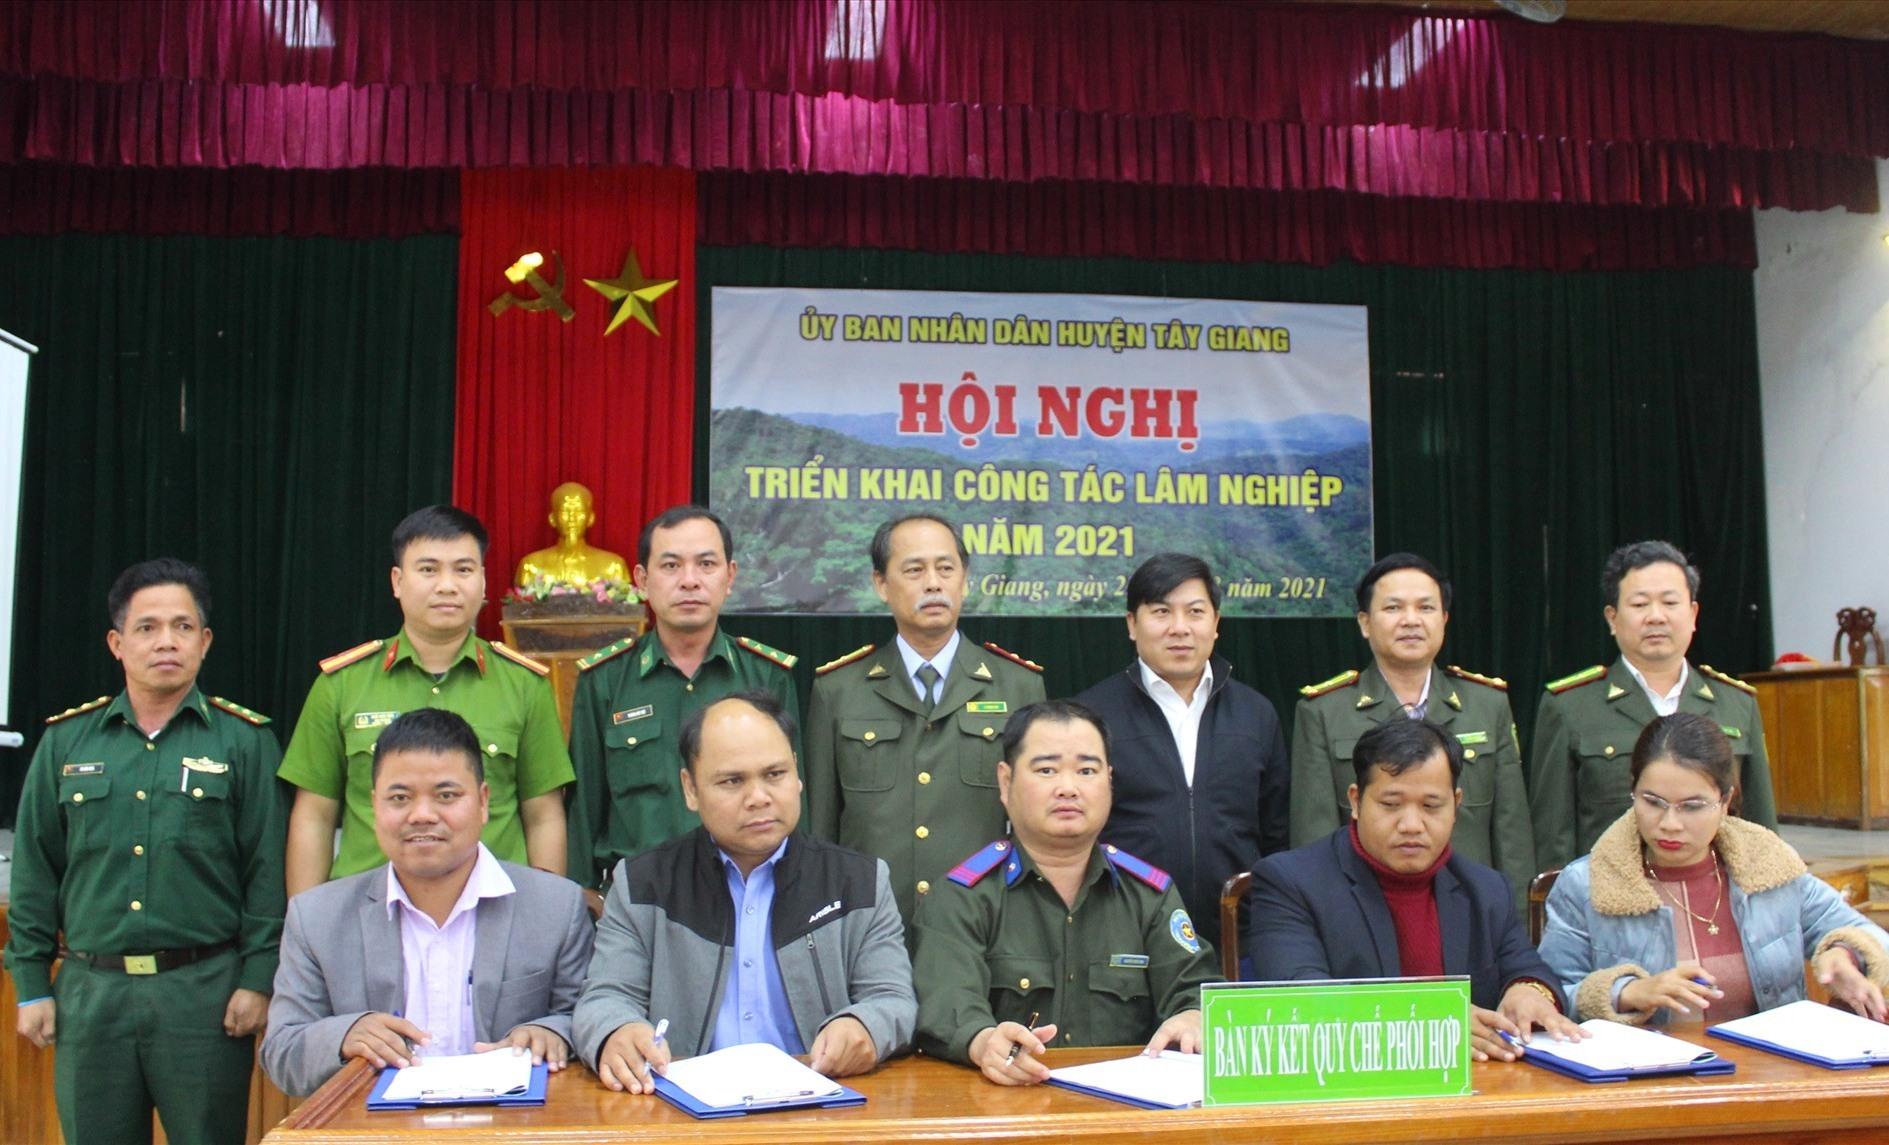 Lãnh đạo 10 xã cùng với ngành kiểm lâm huyện ký cam kết bảo vệ rừng